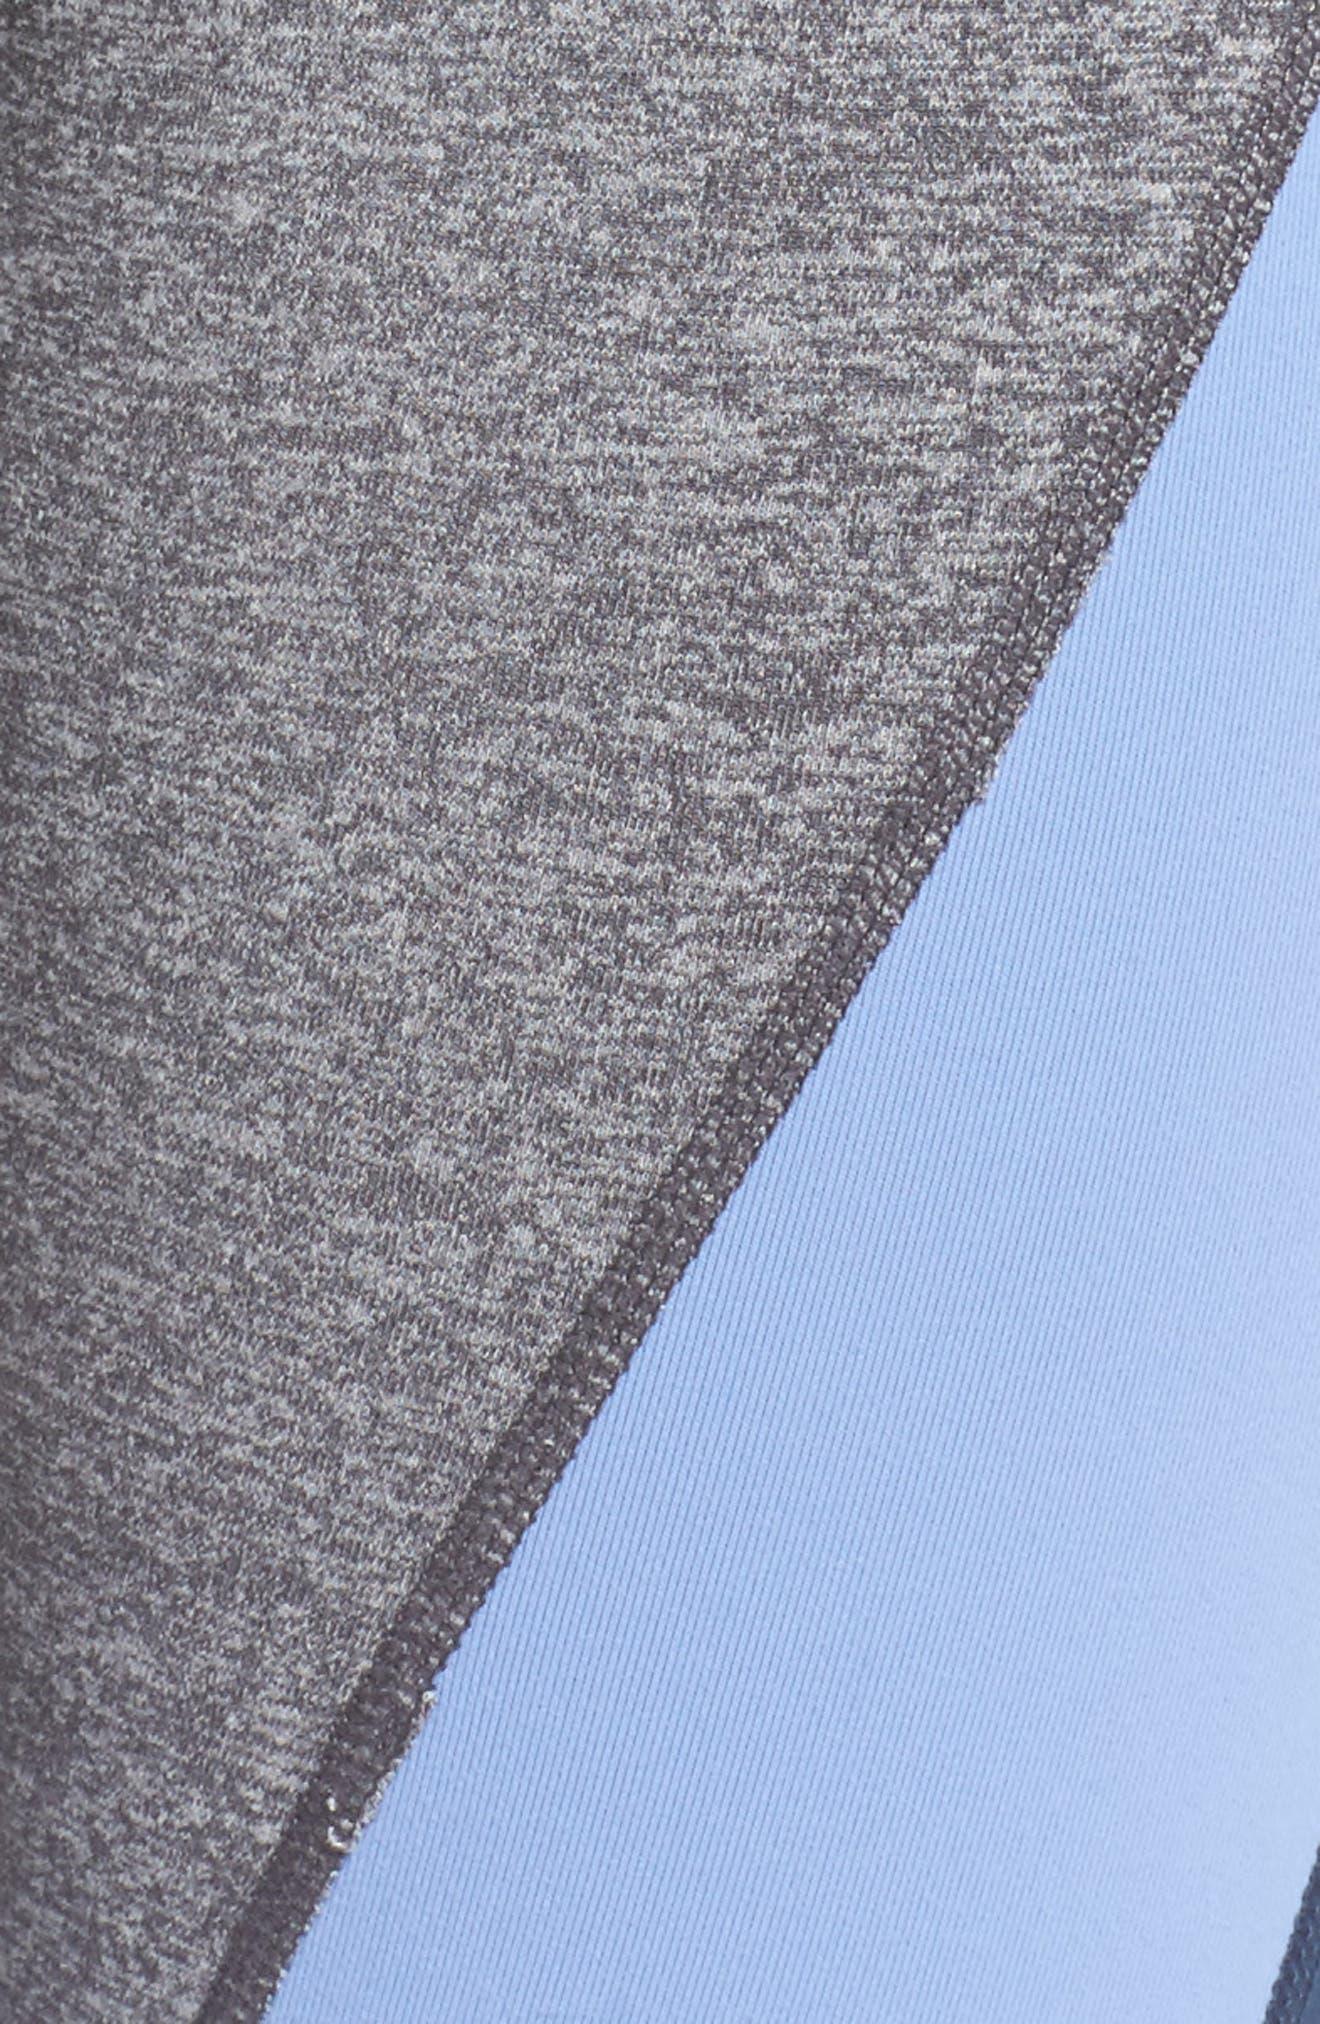 Get in Line High Waist Leggings,                             Alternate thumbnail 6, color,                             Grey Graphite Melange